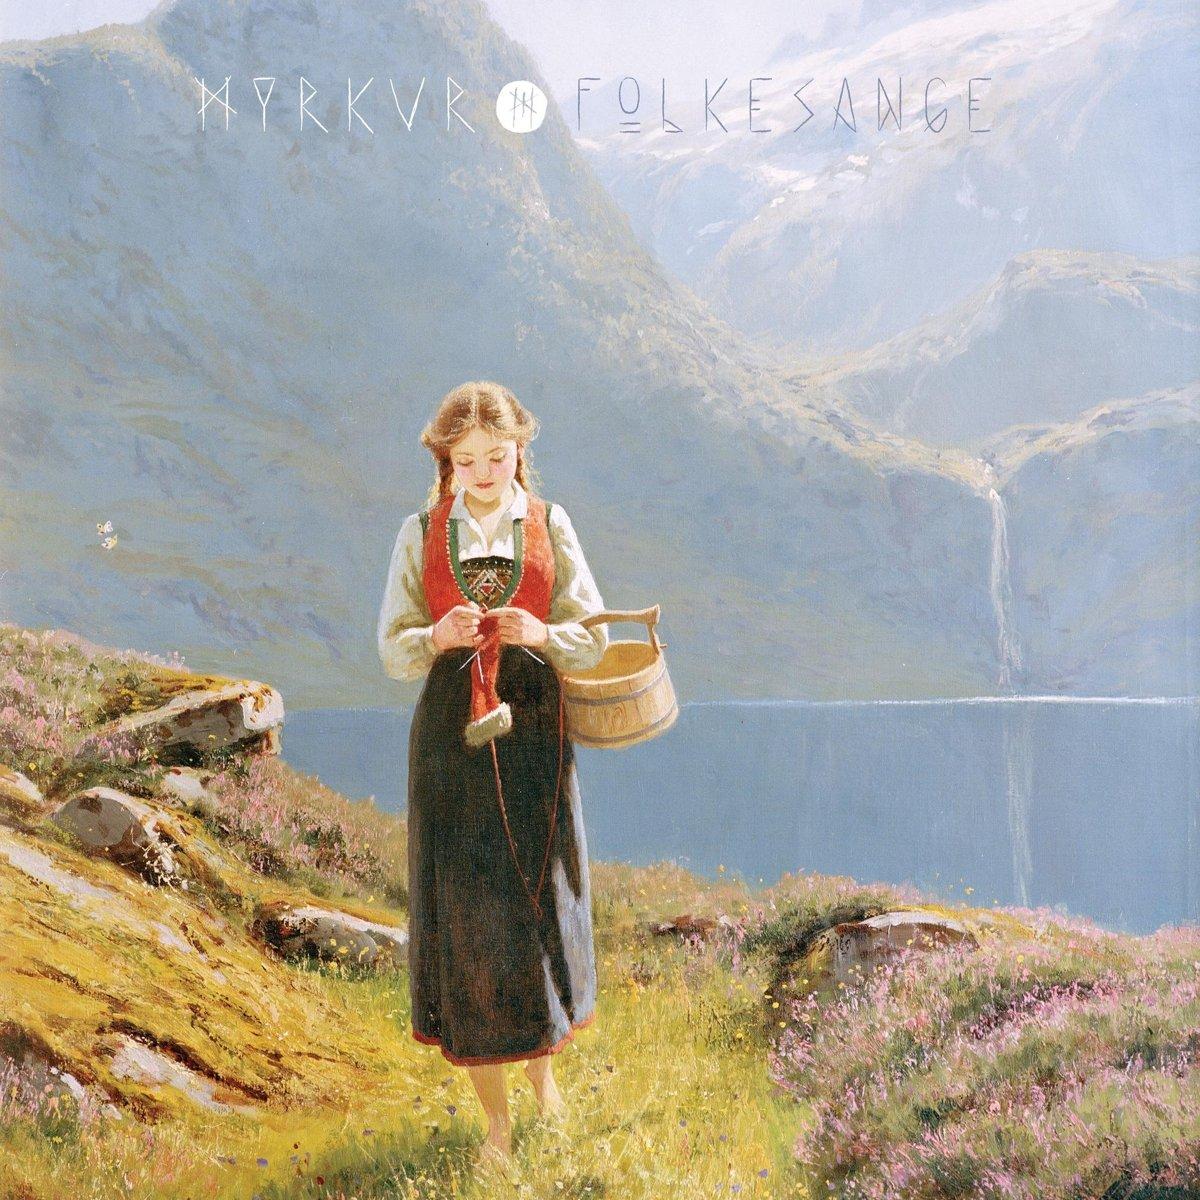 myrkur folensange album cover